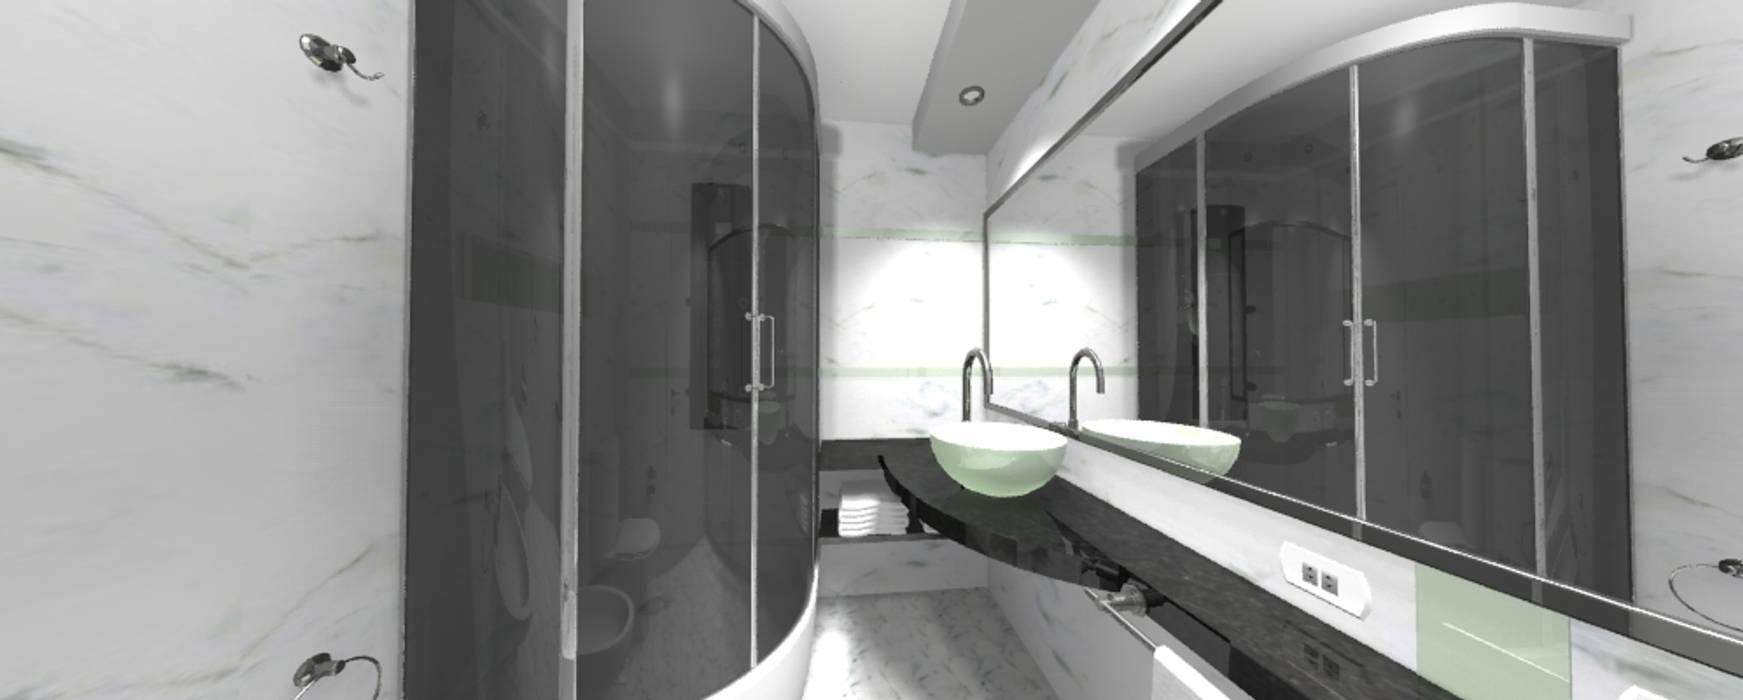 REMODELACION BAÑO: Baños de estilo moderno por ESTUDIO CRUZ